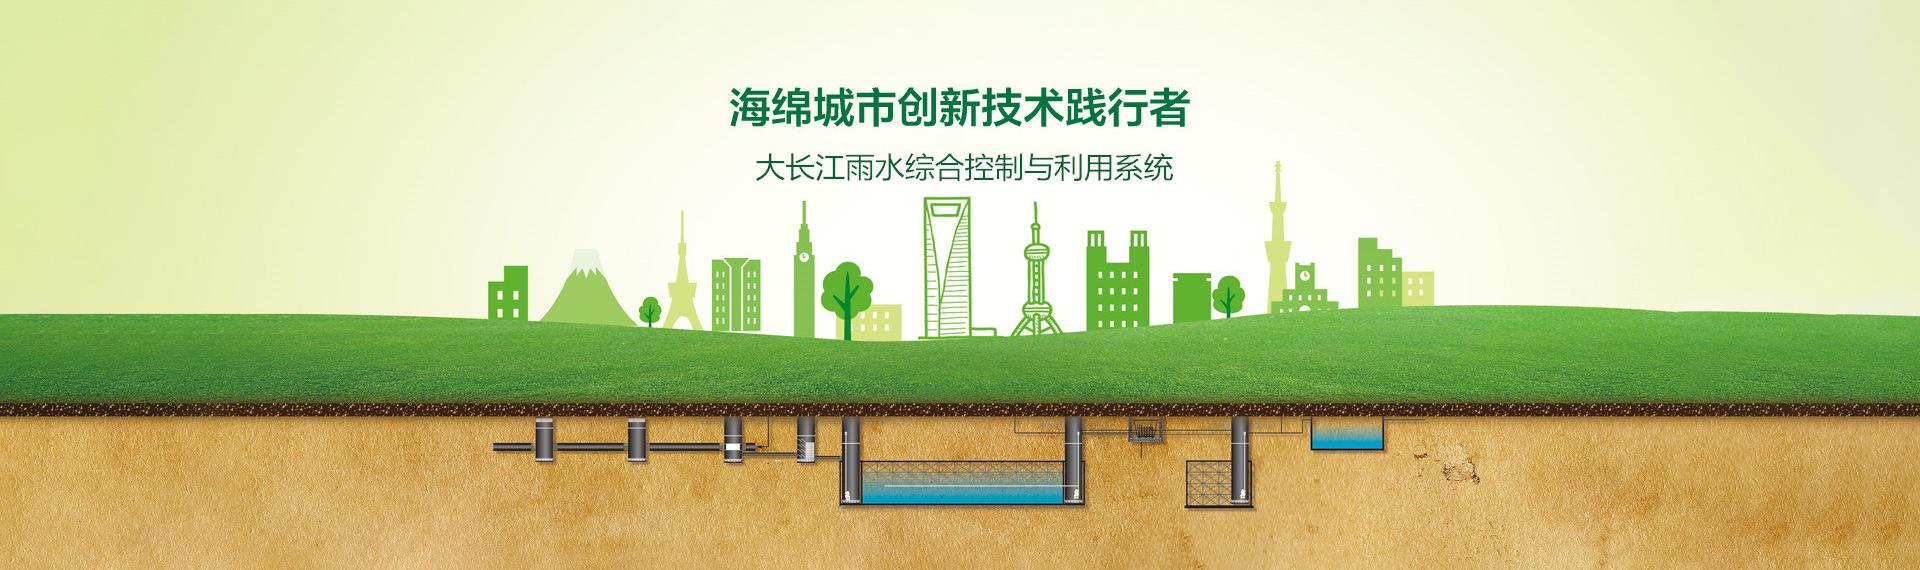 合肥污水处理设备